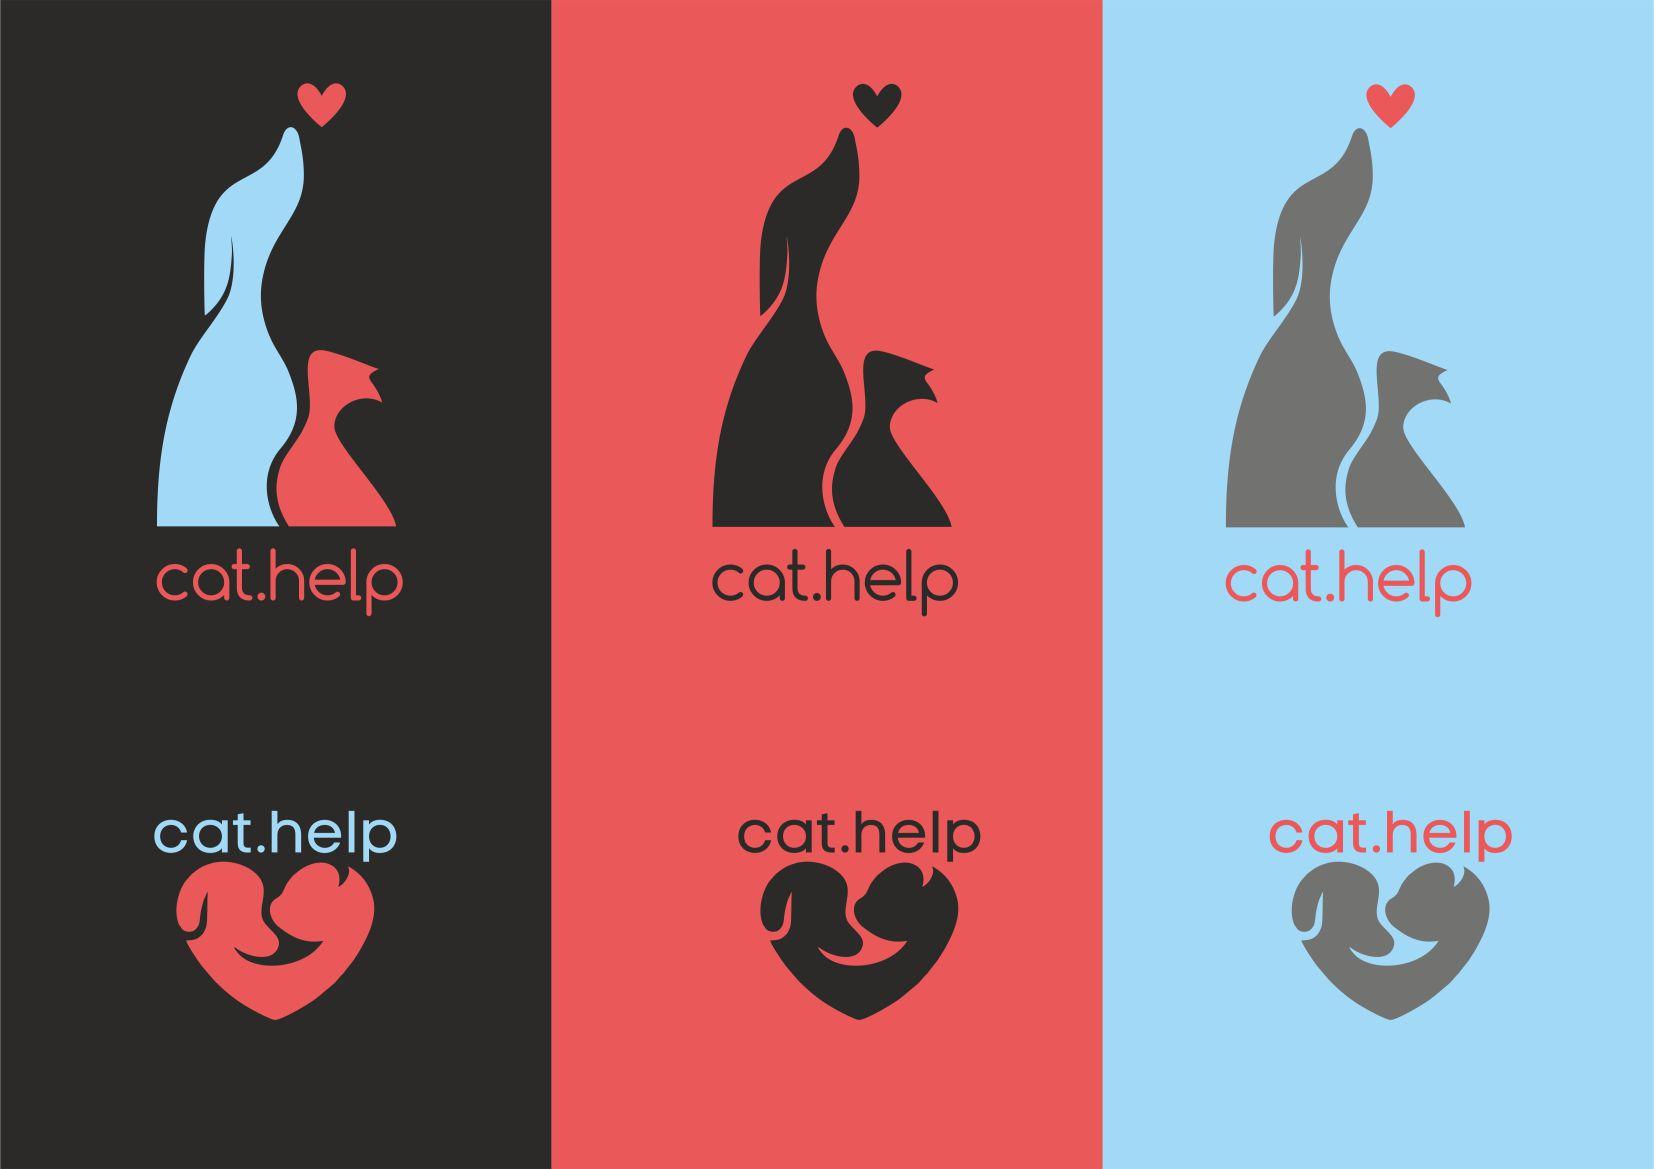 логотип для сайта и группы вк - cat.help фото f_21059e2d24c9f54d.jpg